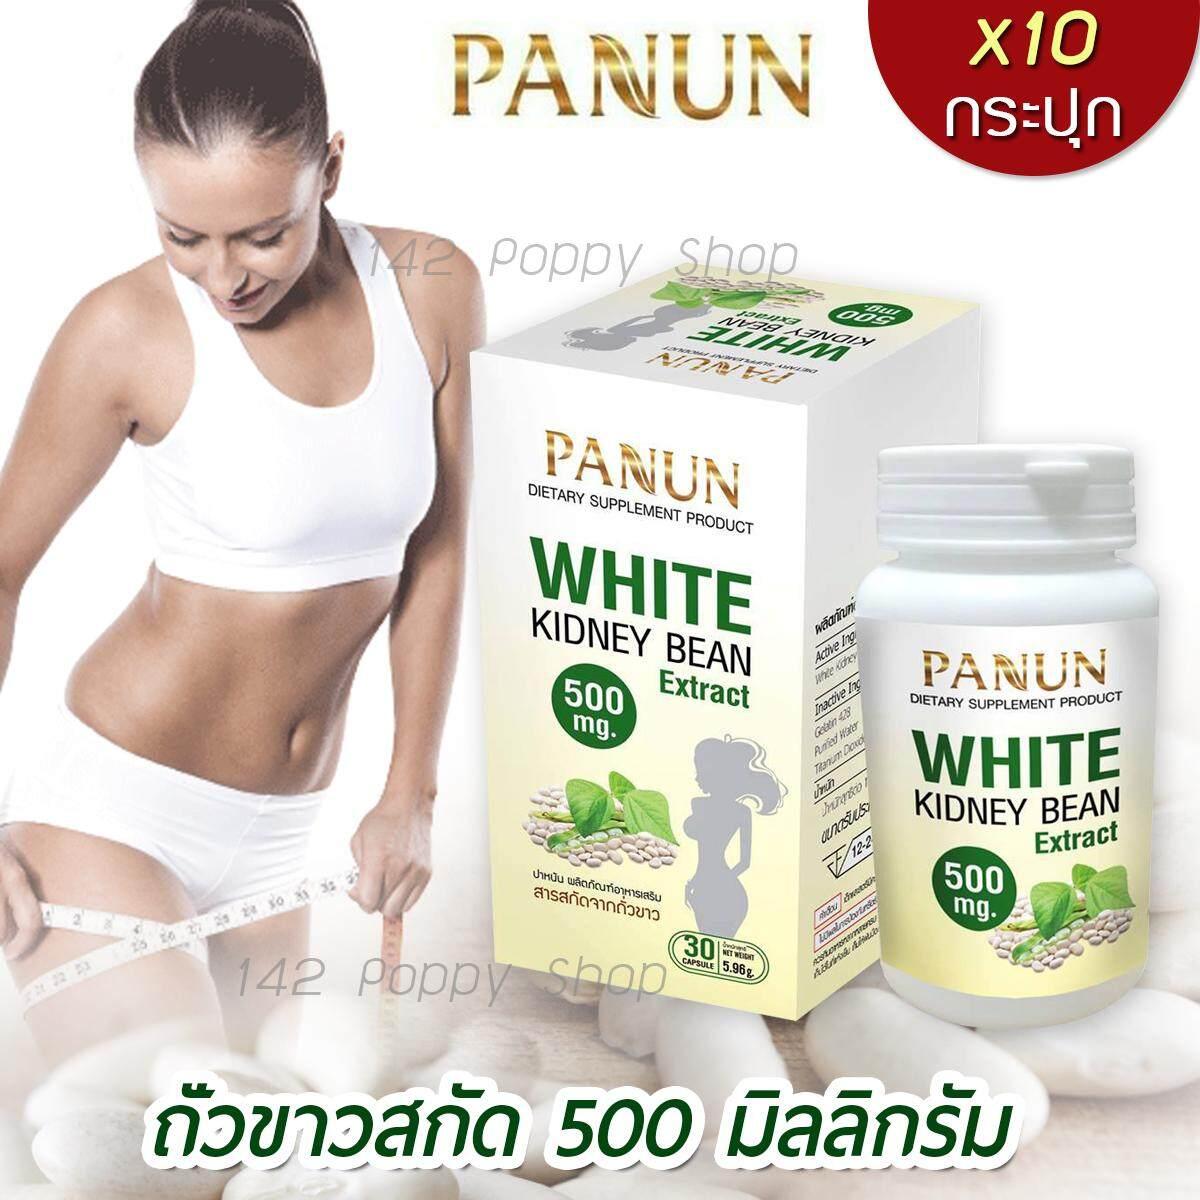 ถั่วขาวสกัดเข้มข้นปาหนัน Panun White Kidney Bean Extract 500 Mg 30 Capsules (x10) By 142 Poppy Shop.